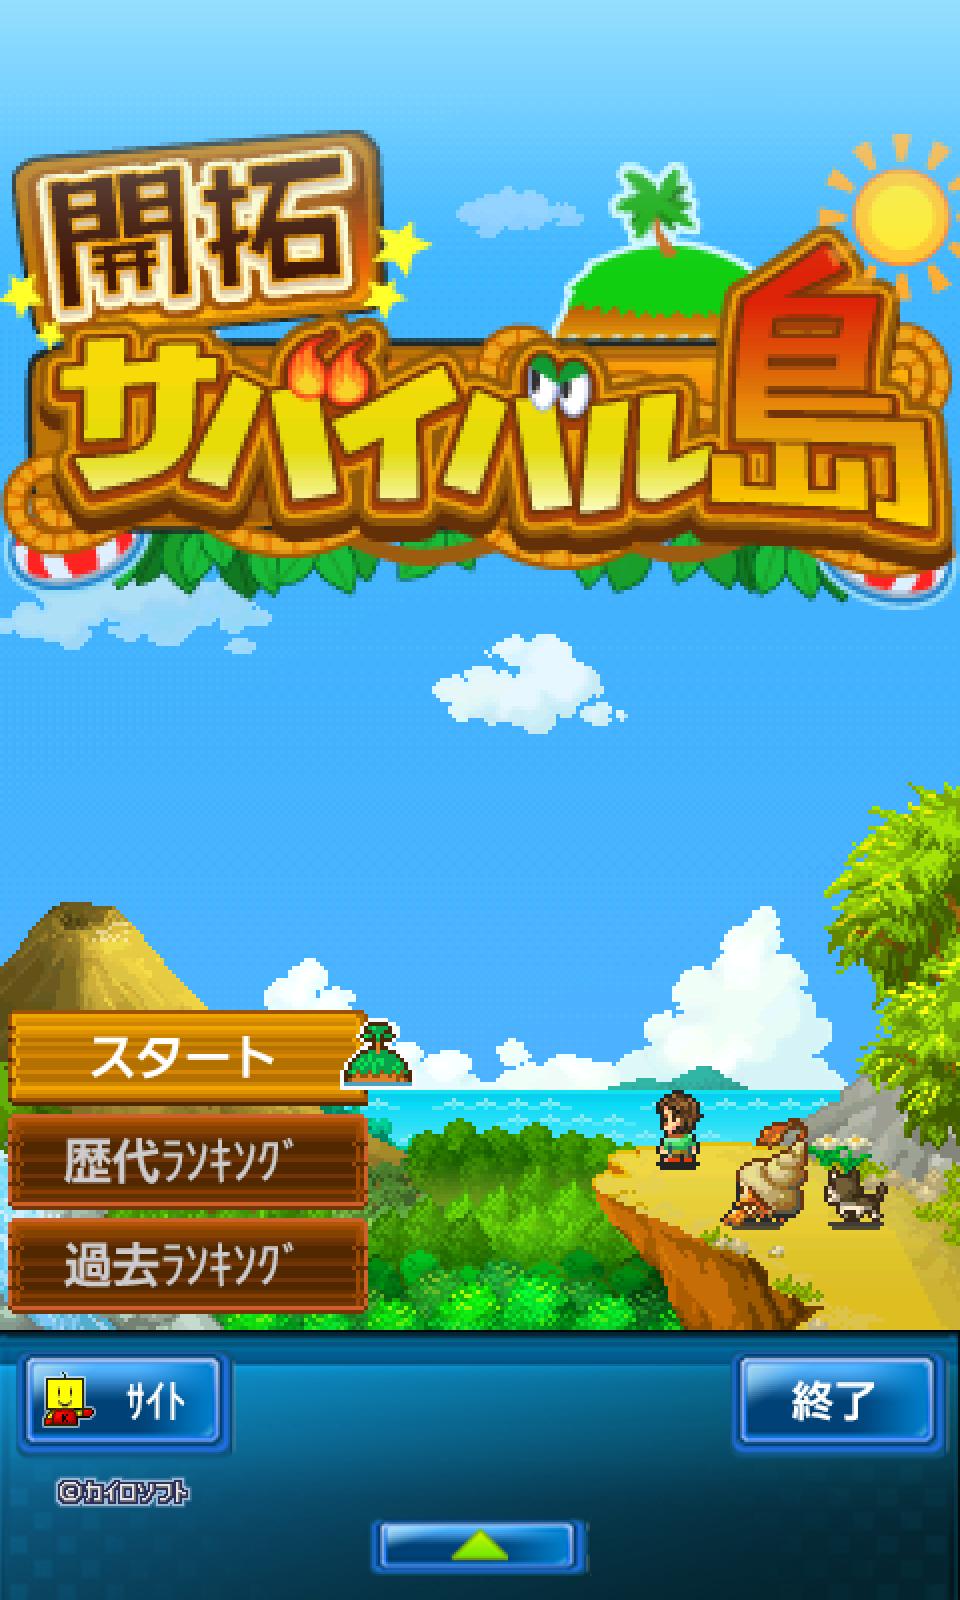 開拓サバイバル島 screenshot #24